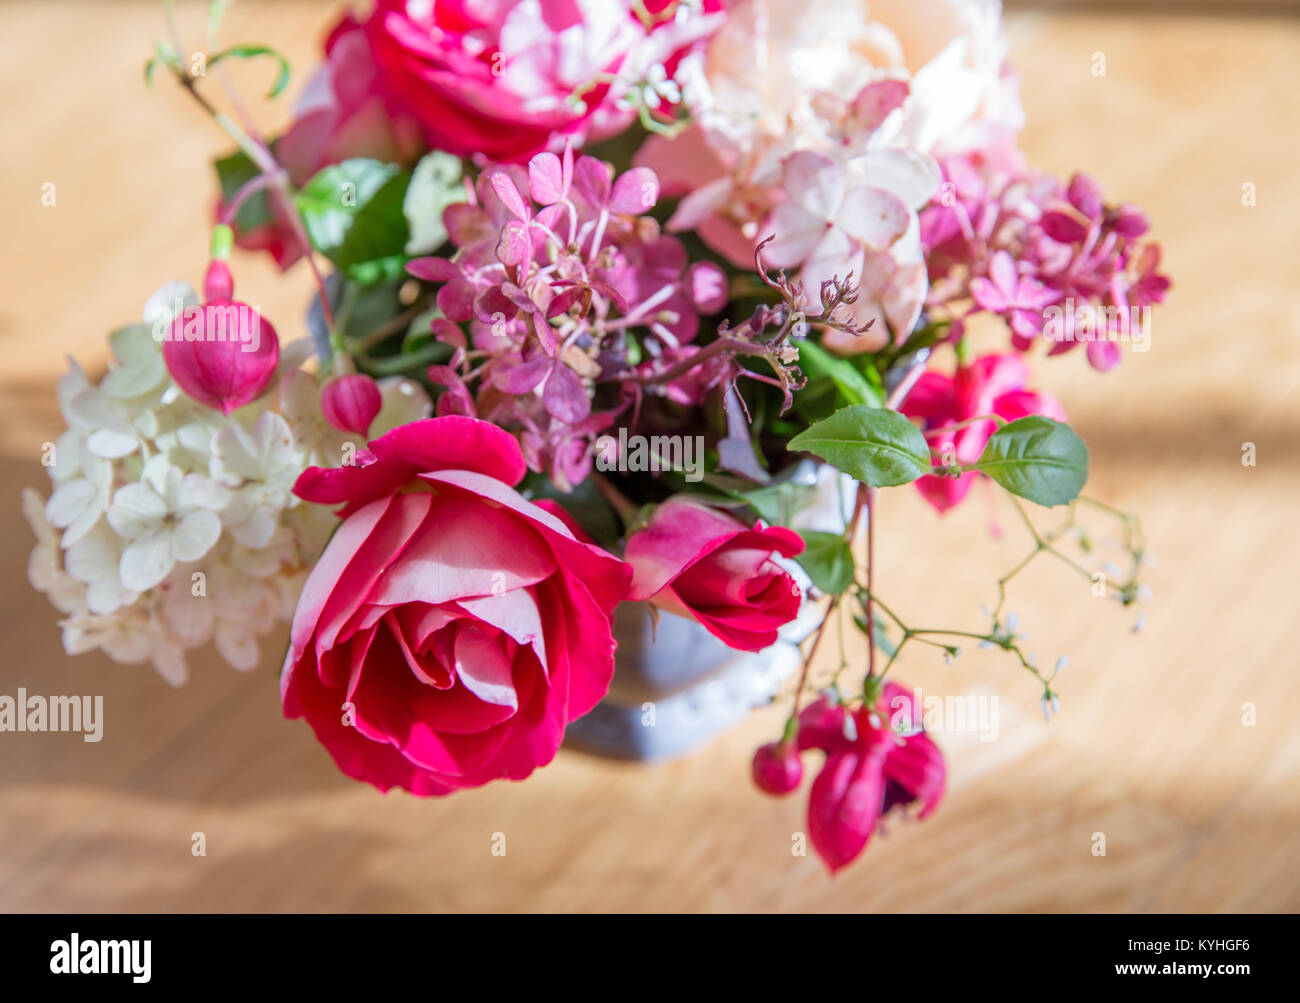 carte de vœux, bouquet de roses anciennes, hortensias, fuchsia. dans